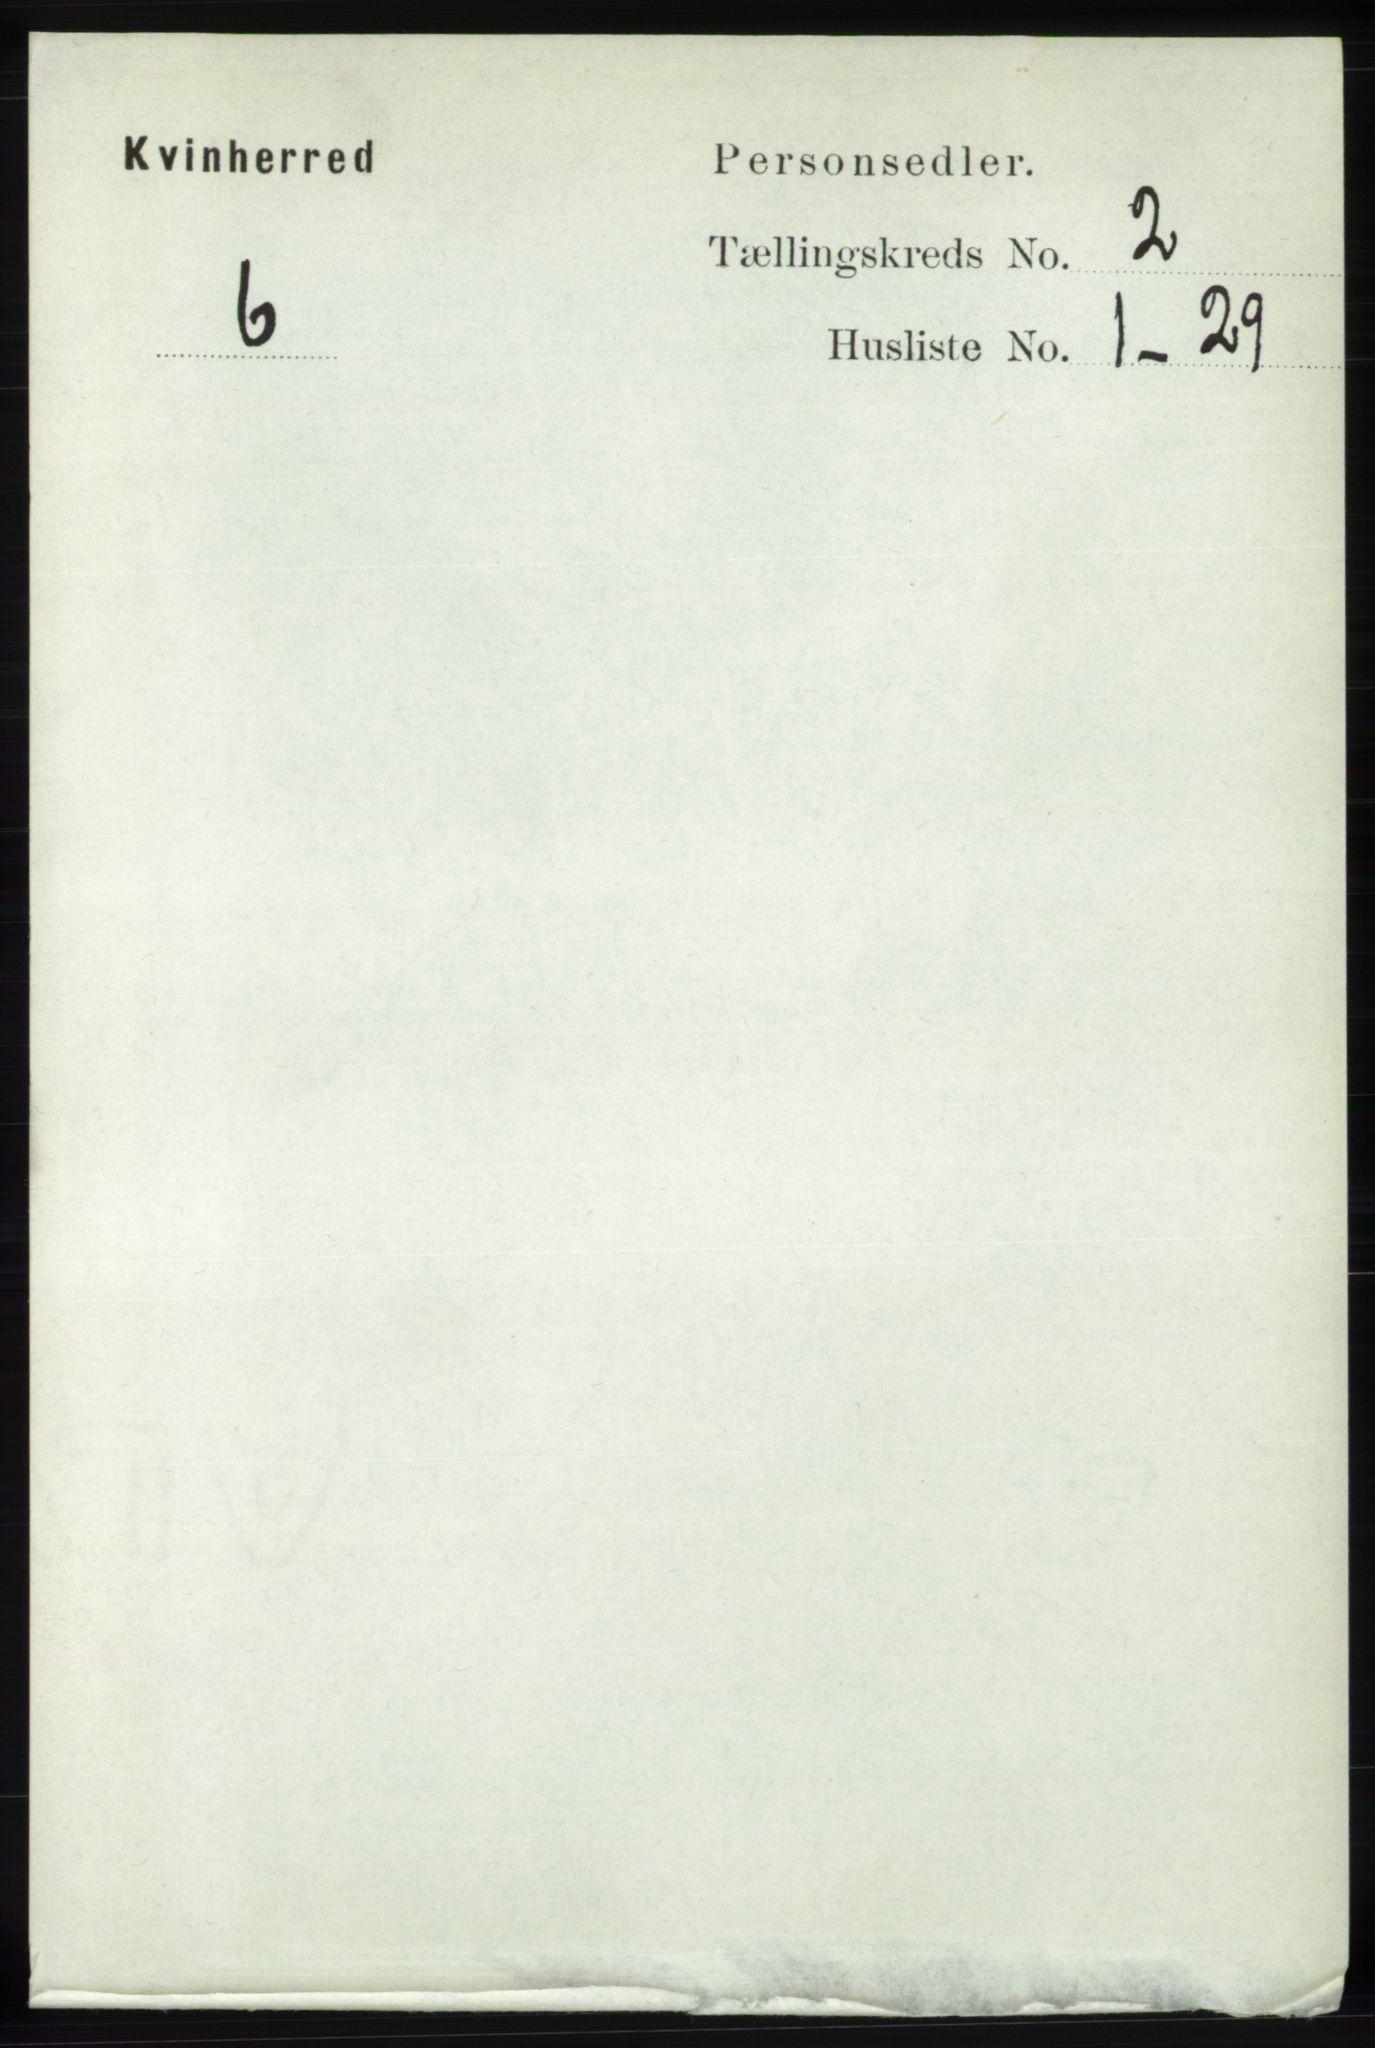 RA, Folketelling 1891 for 1224 Kvinnherad herred, 1891, s. 624